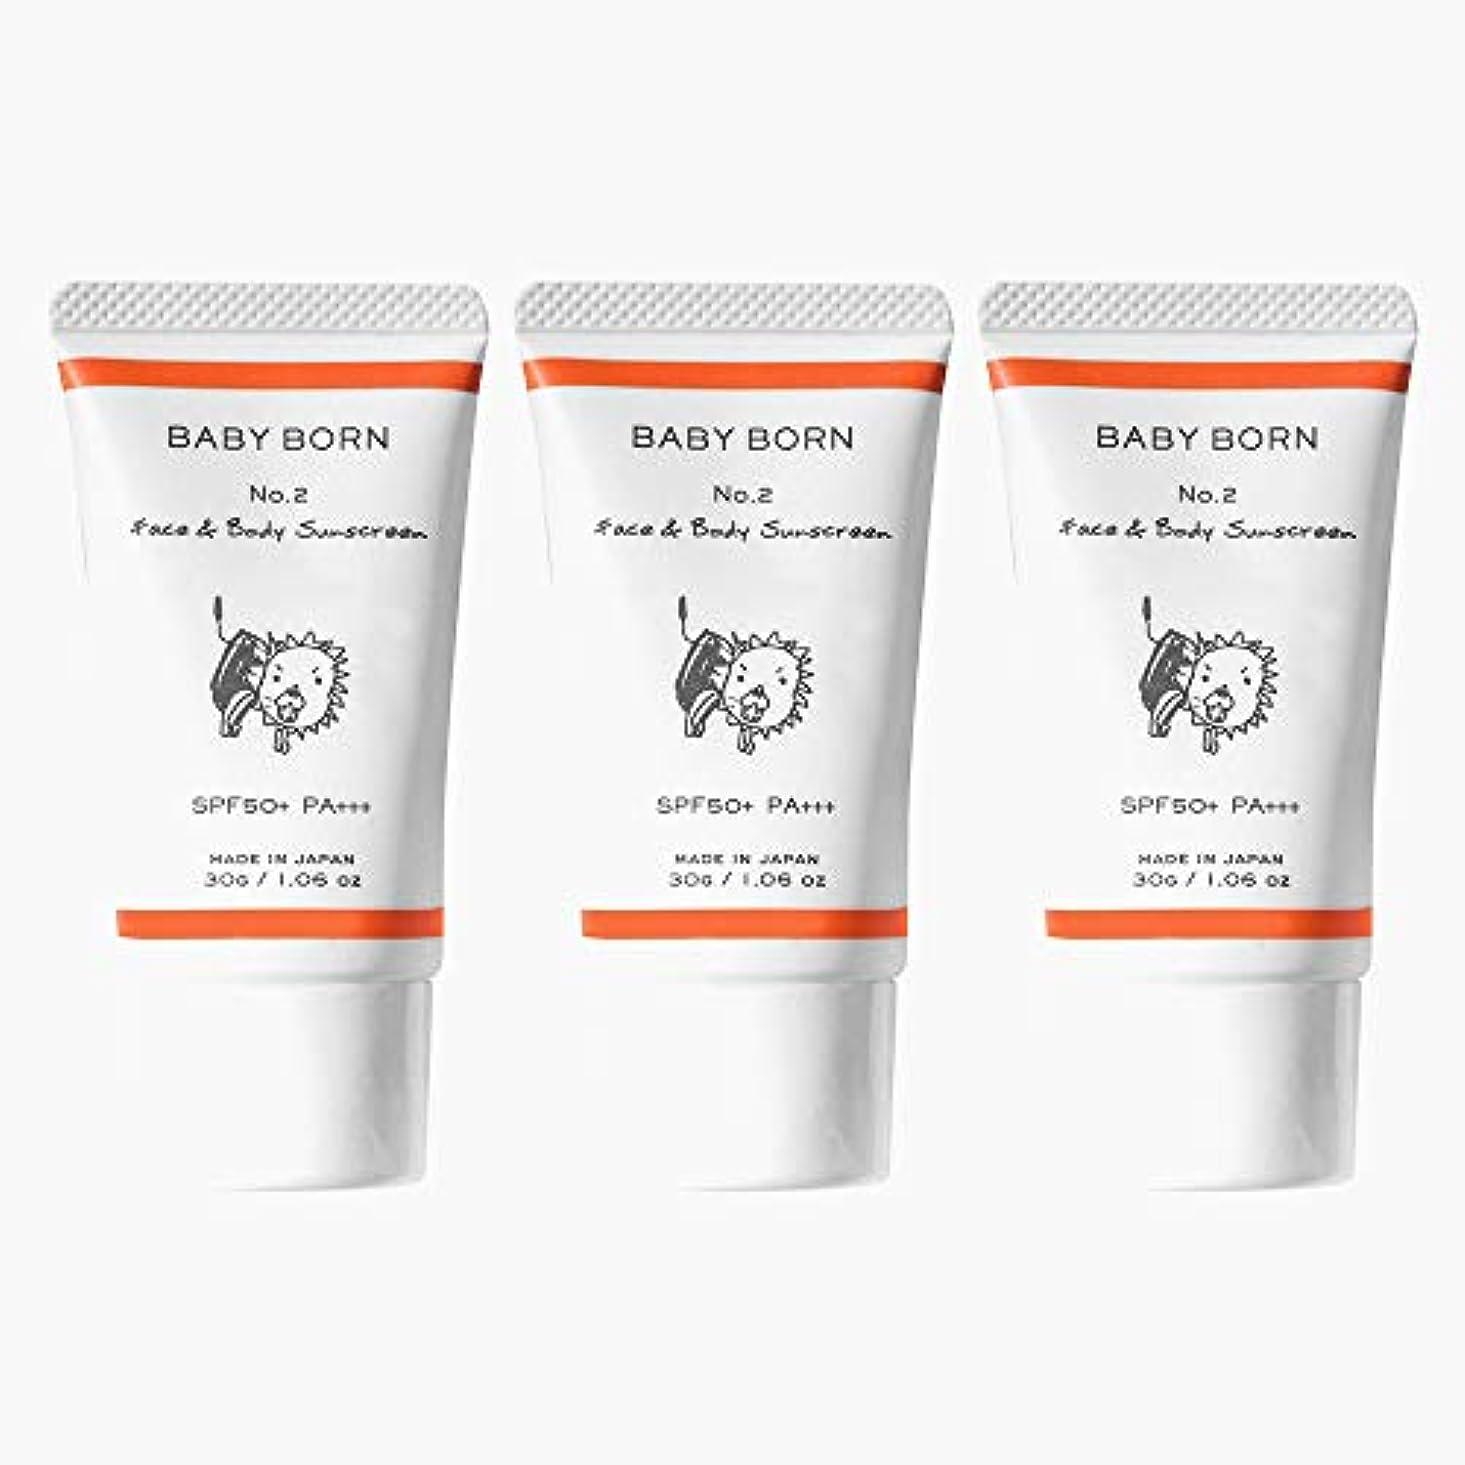 静的セラー全能日焼け止め 赤ちゃんや子どもにも使えるBABY BORN(ベビーボーン) Face&Body Sunscreen 3個セット 日焼け止め UV ケア 東原亜希 高橋ミカ 共同開発 SPF50+/PA++++